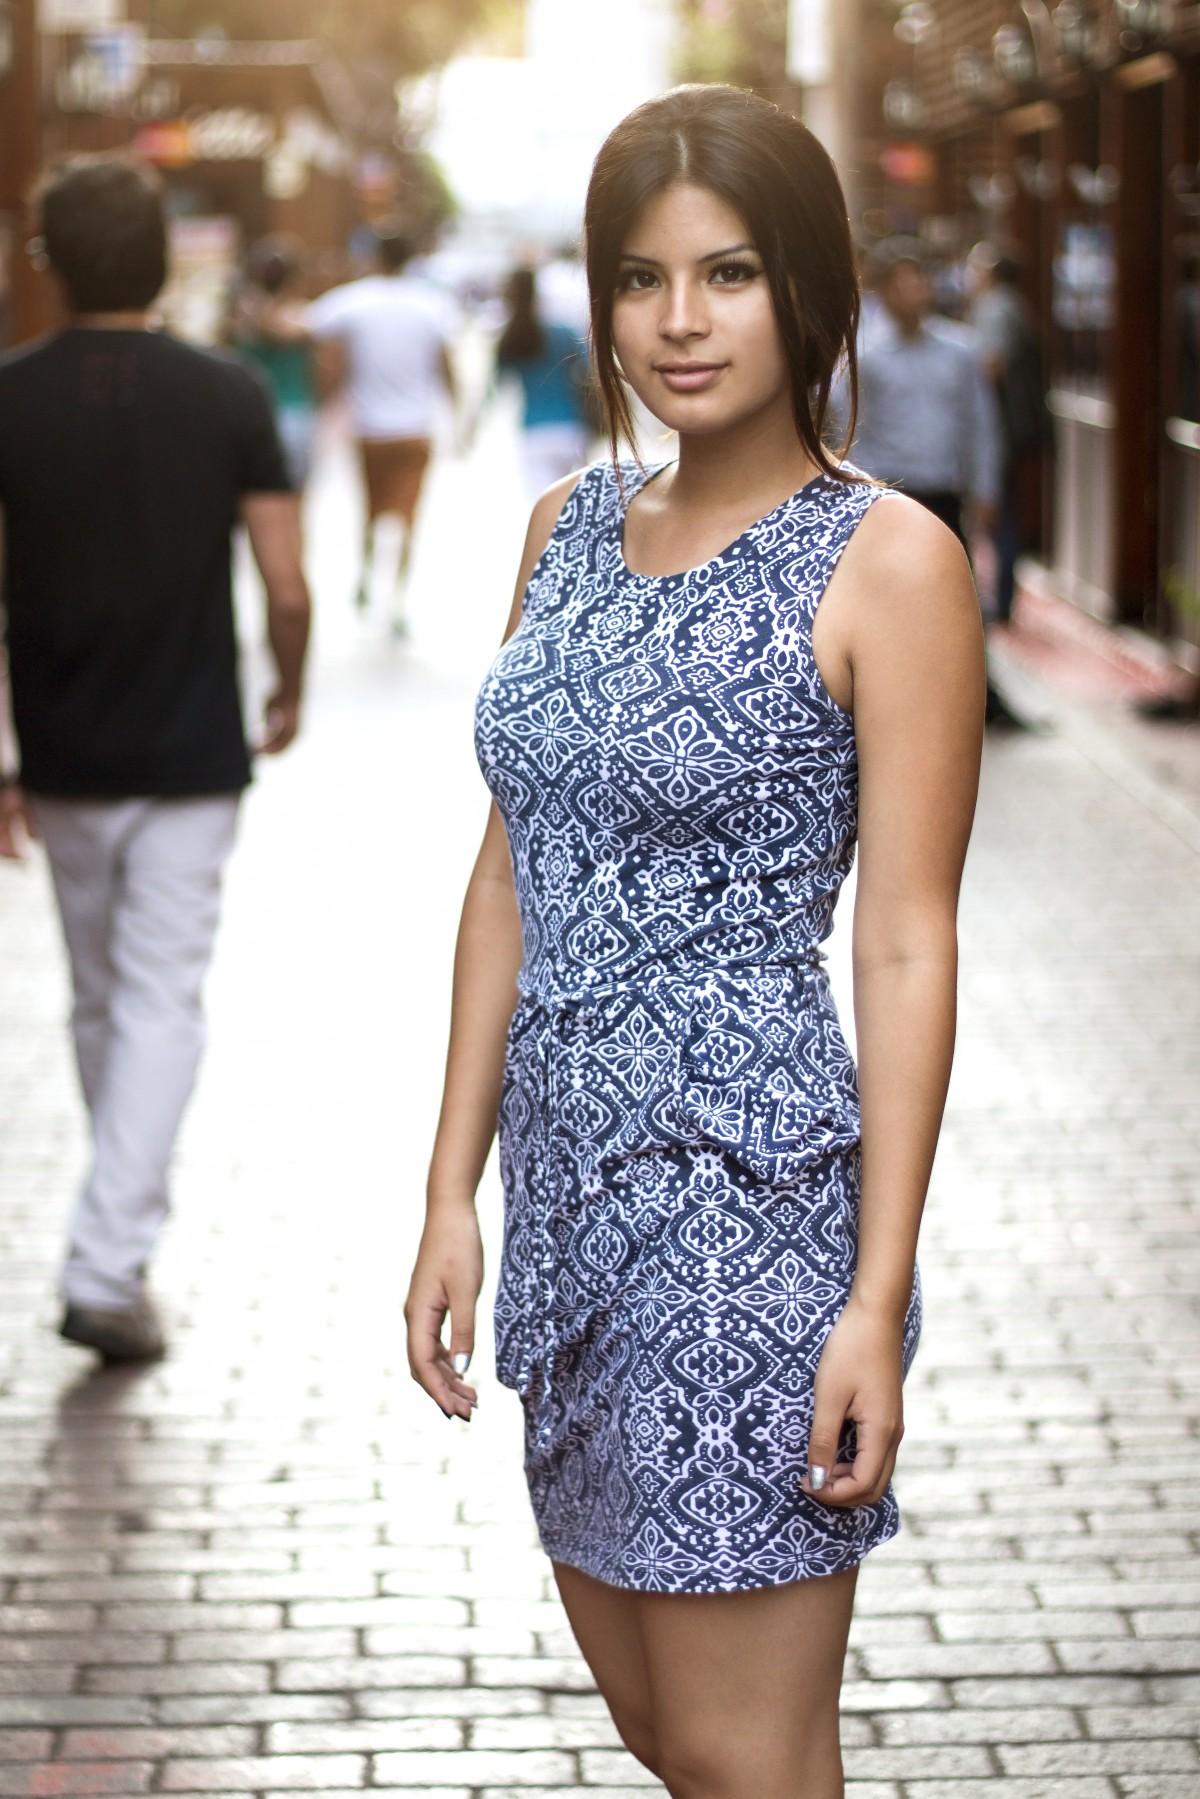 4b9bd3c86af 무늬 모델 봄 유행 의류 시즌 드레스 라틴어 겉옷 소매 사진 촬영 섹시 벨레 자 제니퍼